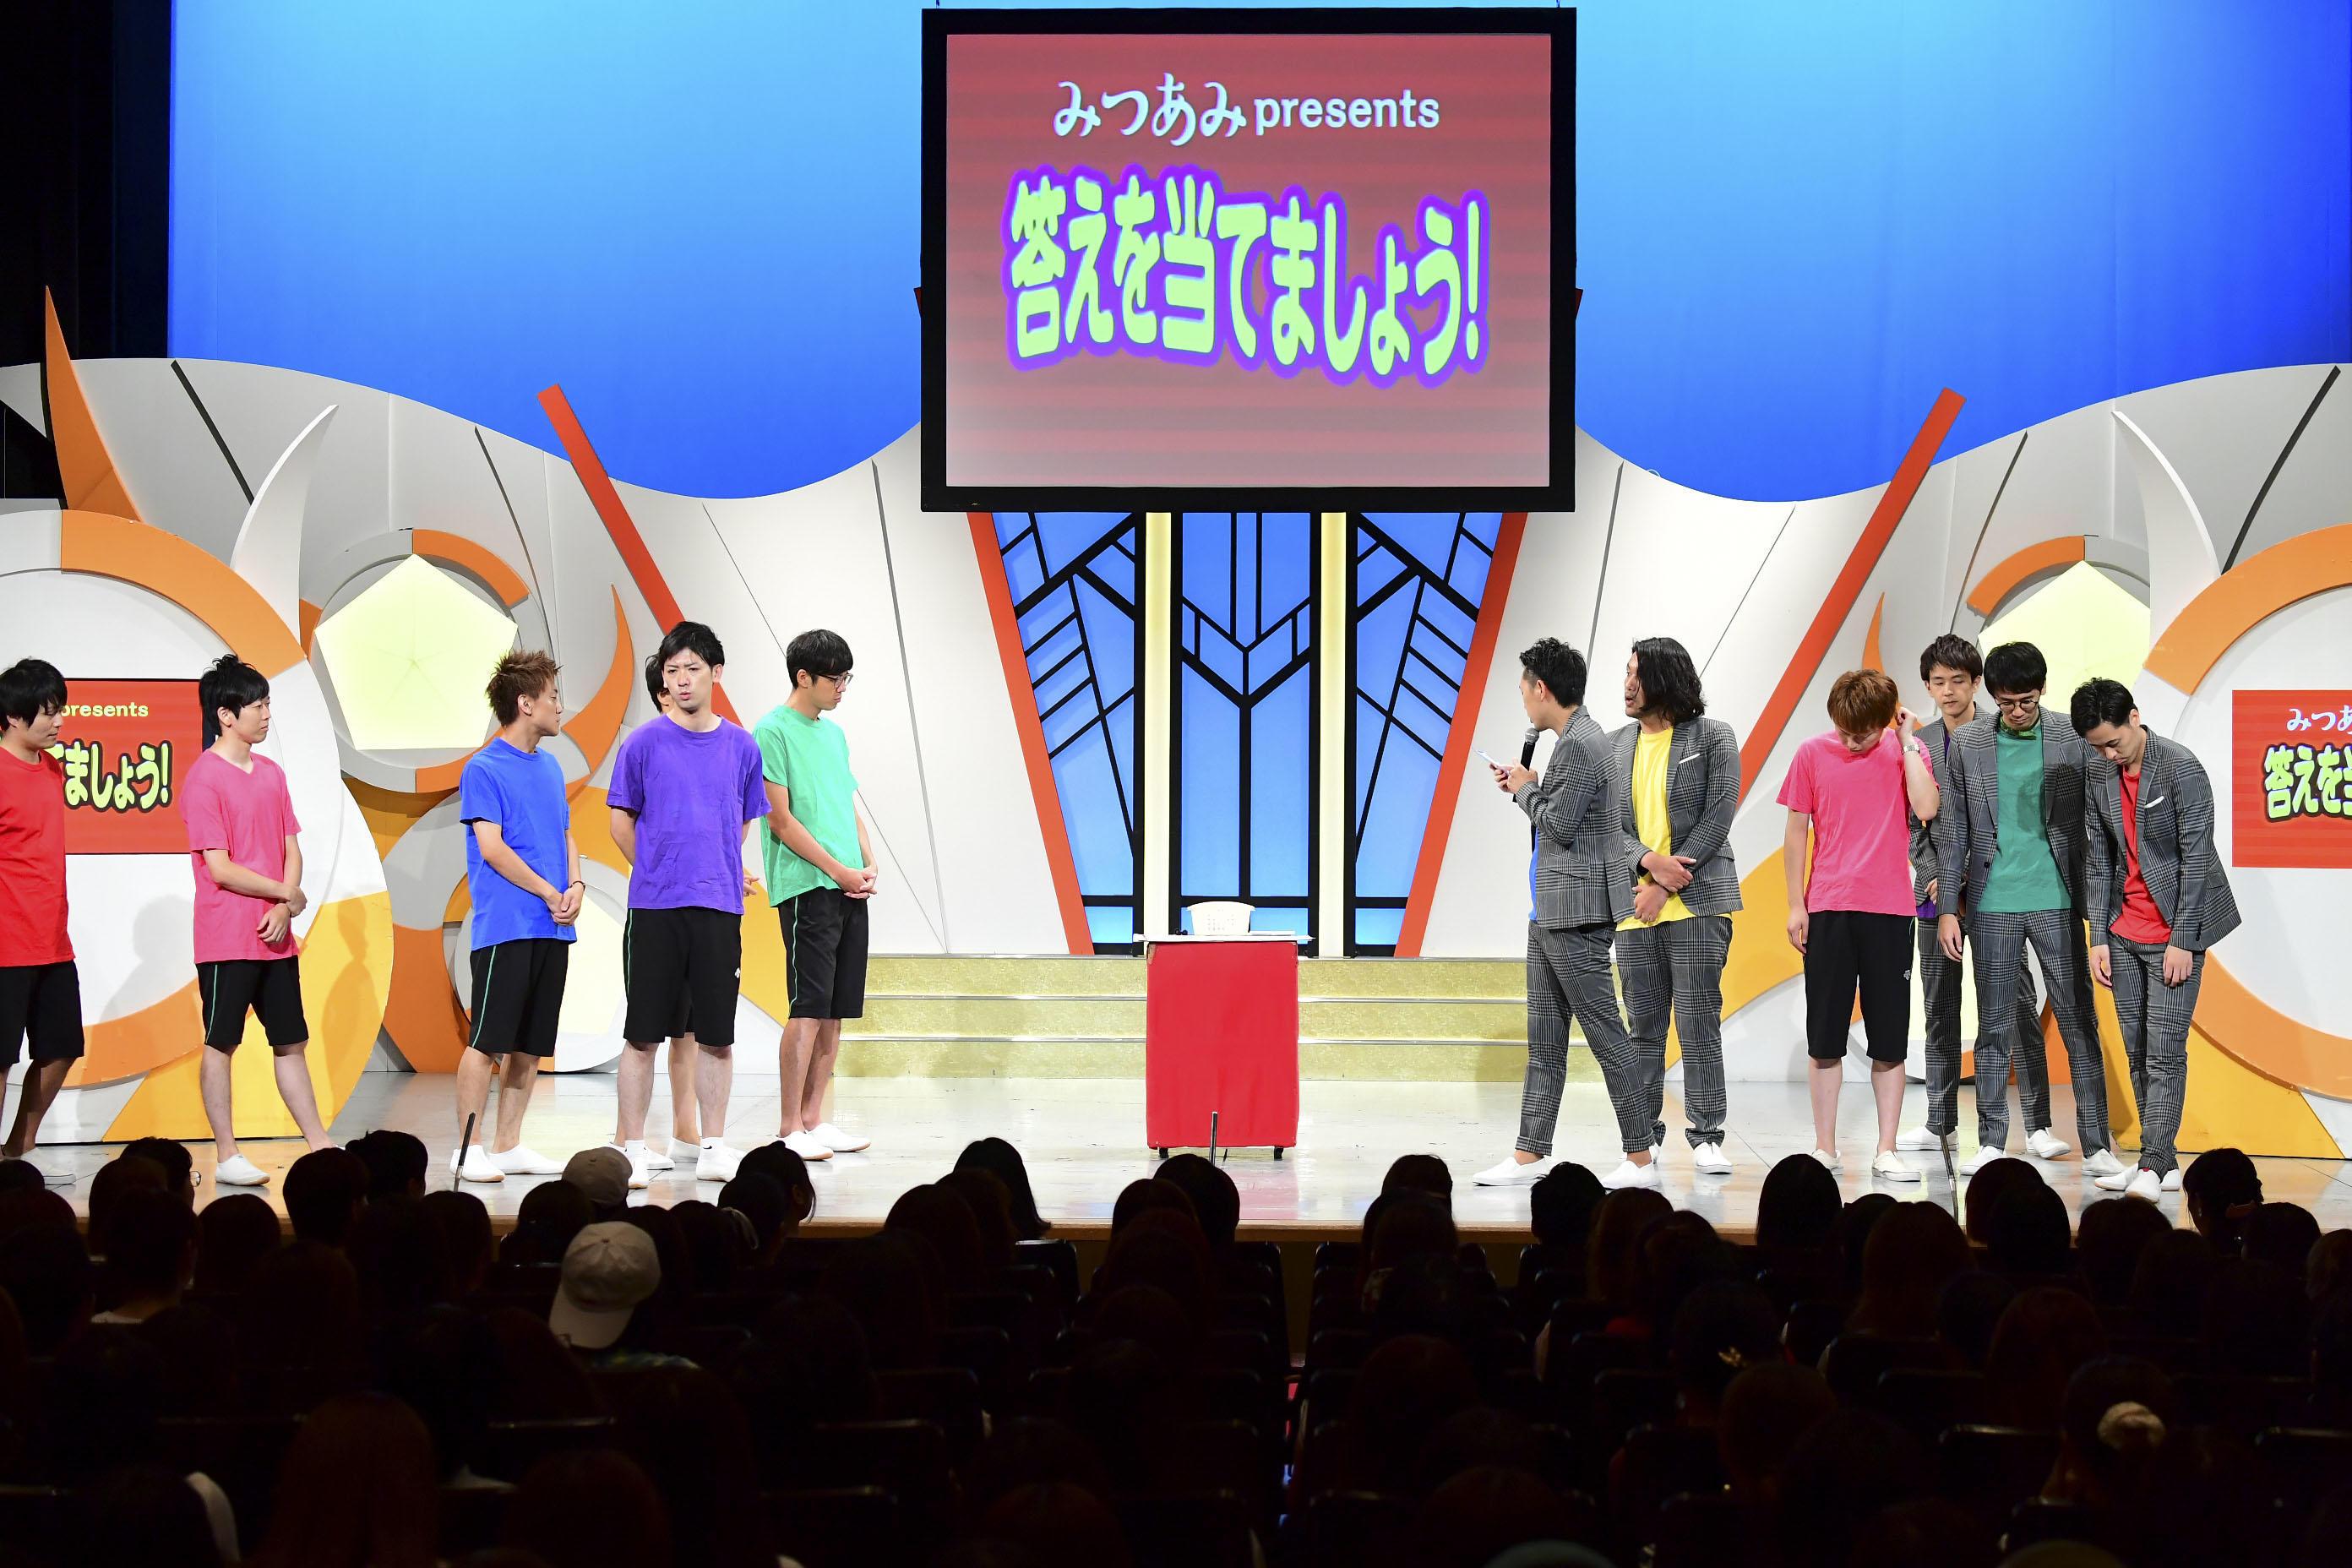 http://news.yoshimoto.co.jp/20170829144521-5c678f07c8e11a88f854e1b92742de9b639a1b2d.jpg